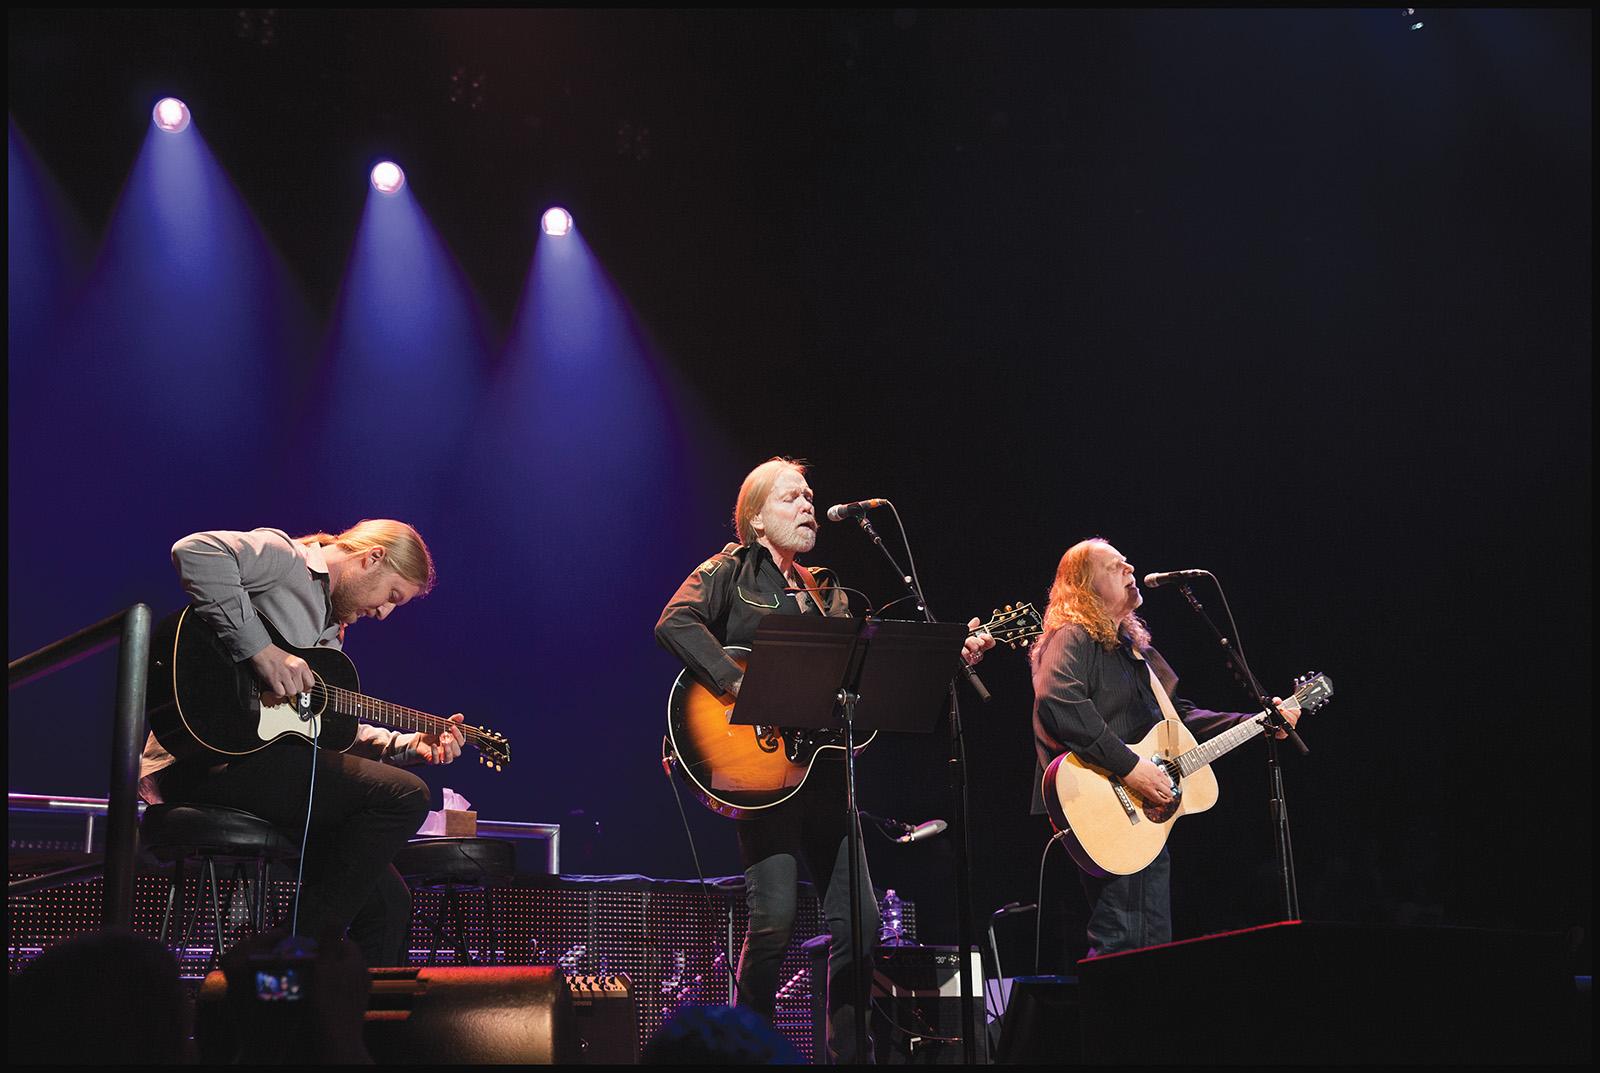 16. Joyful Noise – The Derek Trucks Band, 2002. Ein Gospel-inspirierter Jam mit kirchenchorhaften Vocals und einem von den